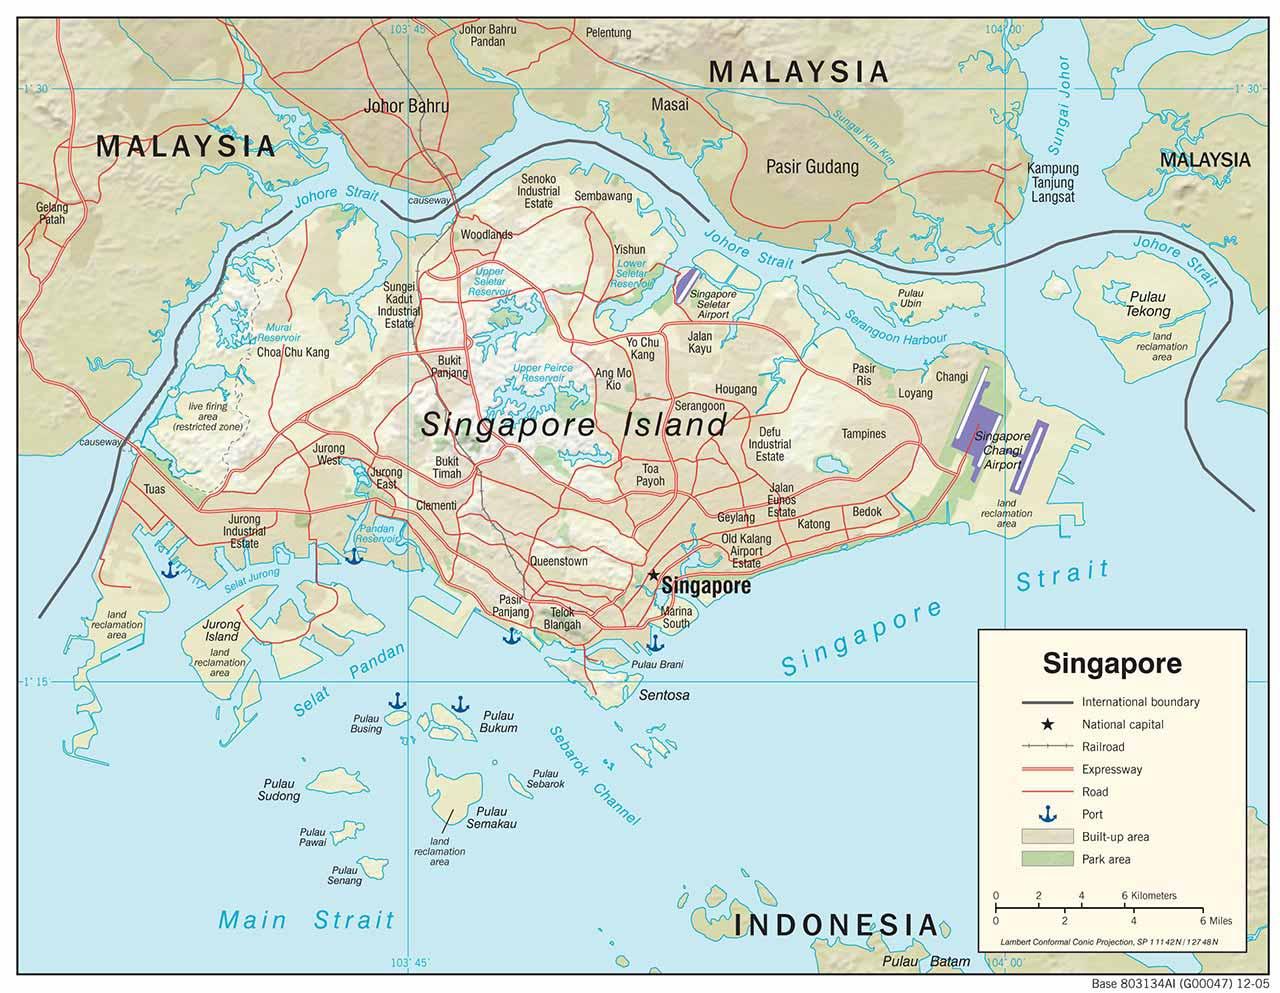 Map of Singapore, Singapore Map, Map of Singapore City ... Singapore Tourist Map on singapore airport map, singapore district map, singapore oil map, singapore trade map, singapore climate, singapore places to visit, singapore city map, singapore neighborhoods, singapore hotels, singapore resource map, singapore mrt map 2013, singapore areas, singapore map directory, singapore subway system map, singapore sightseeing places, singapore travel, singapore 50th anniversary, singapore river map, singapore metro map,